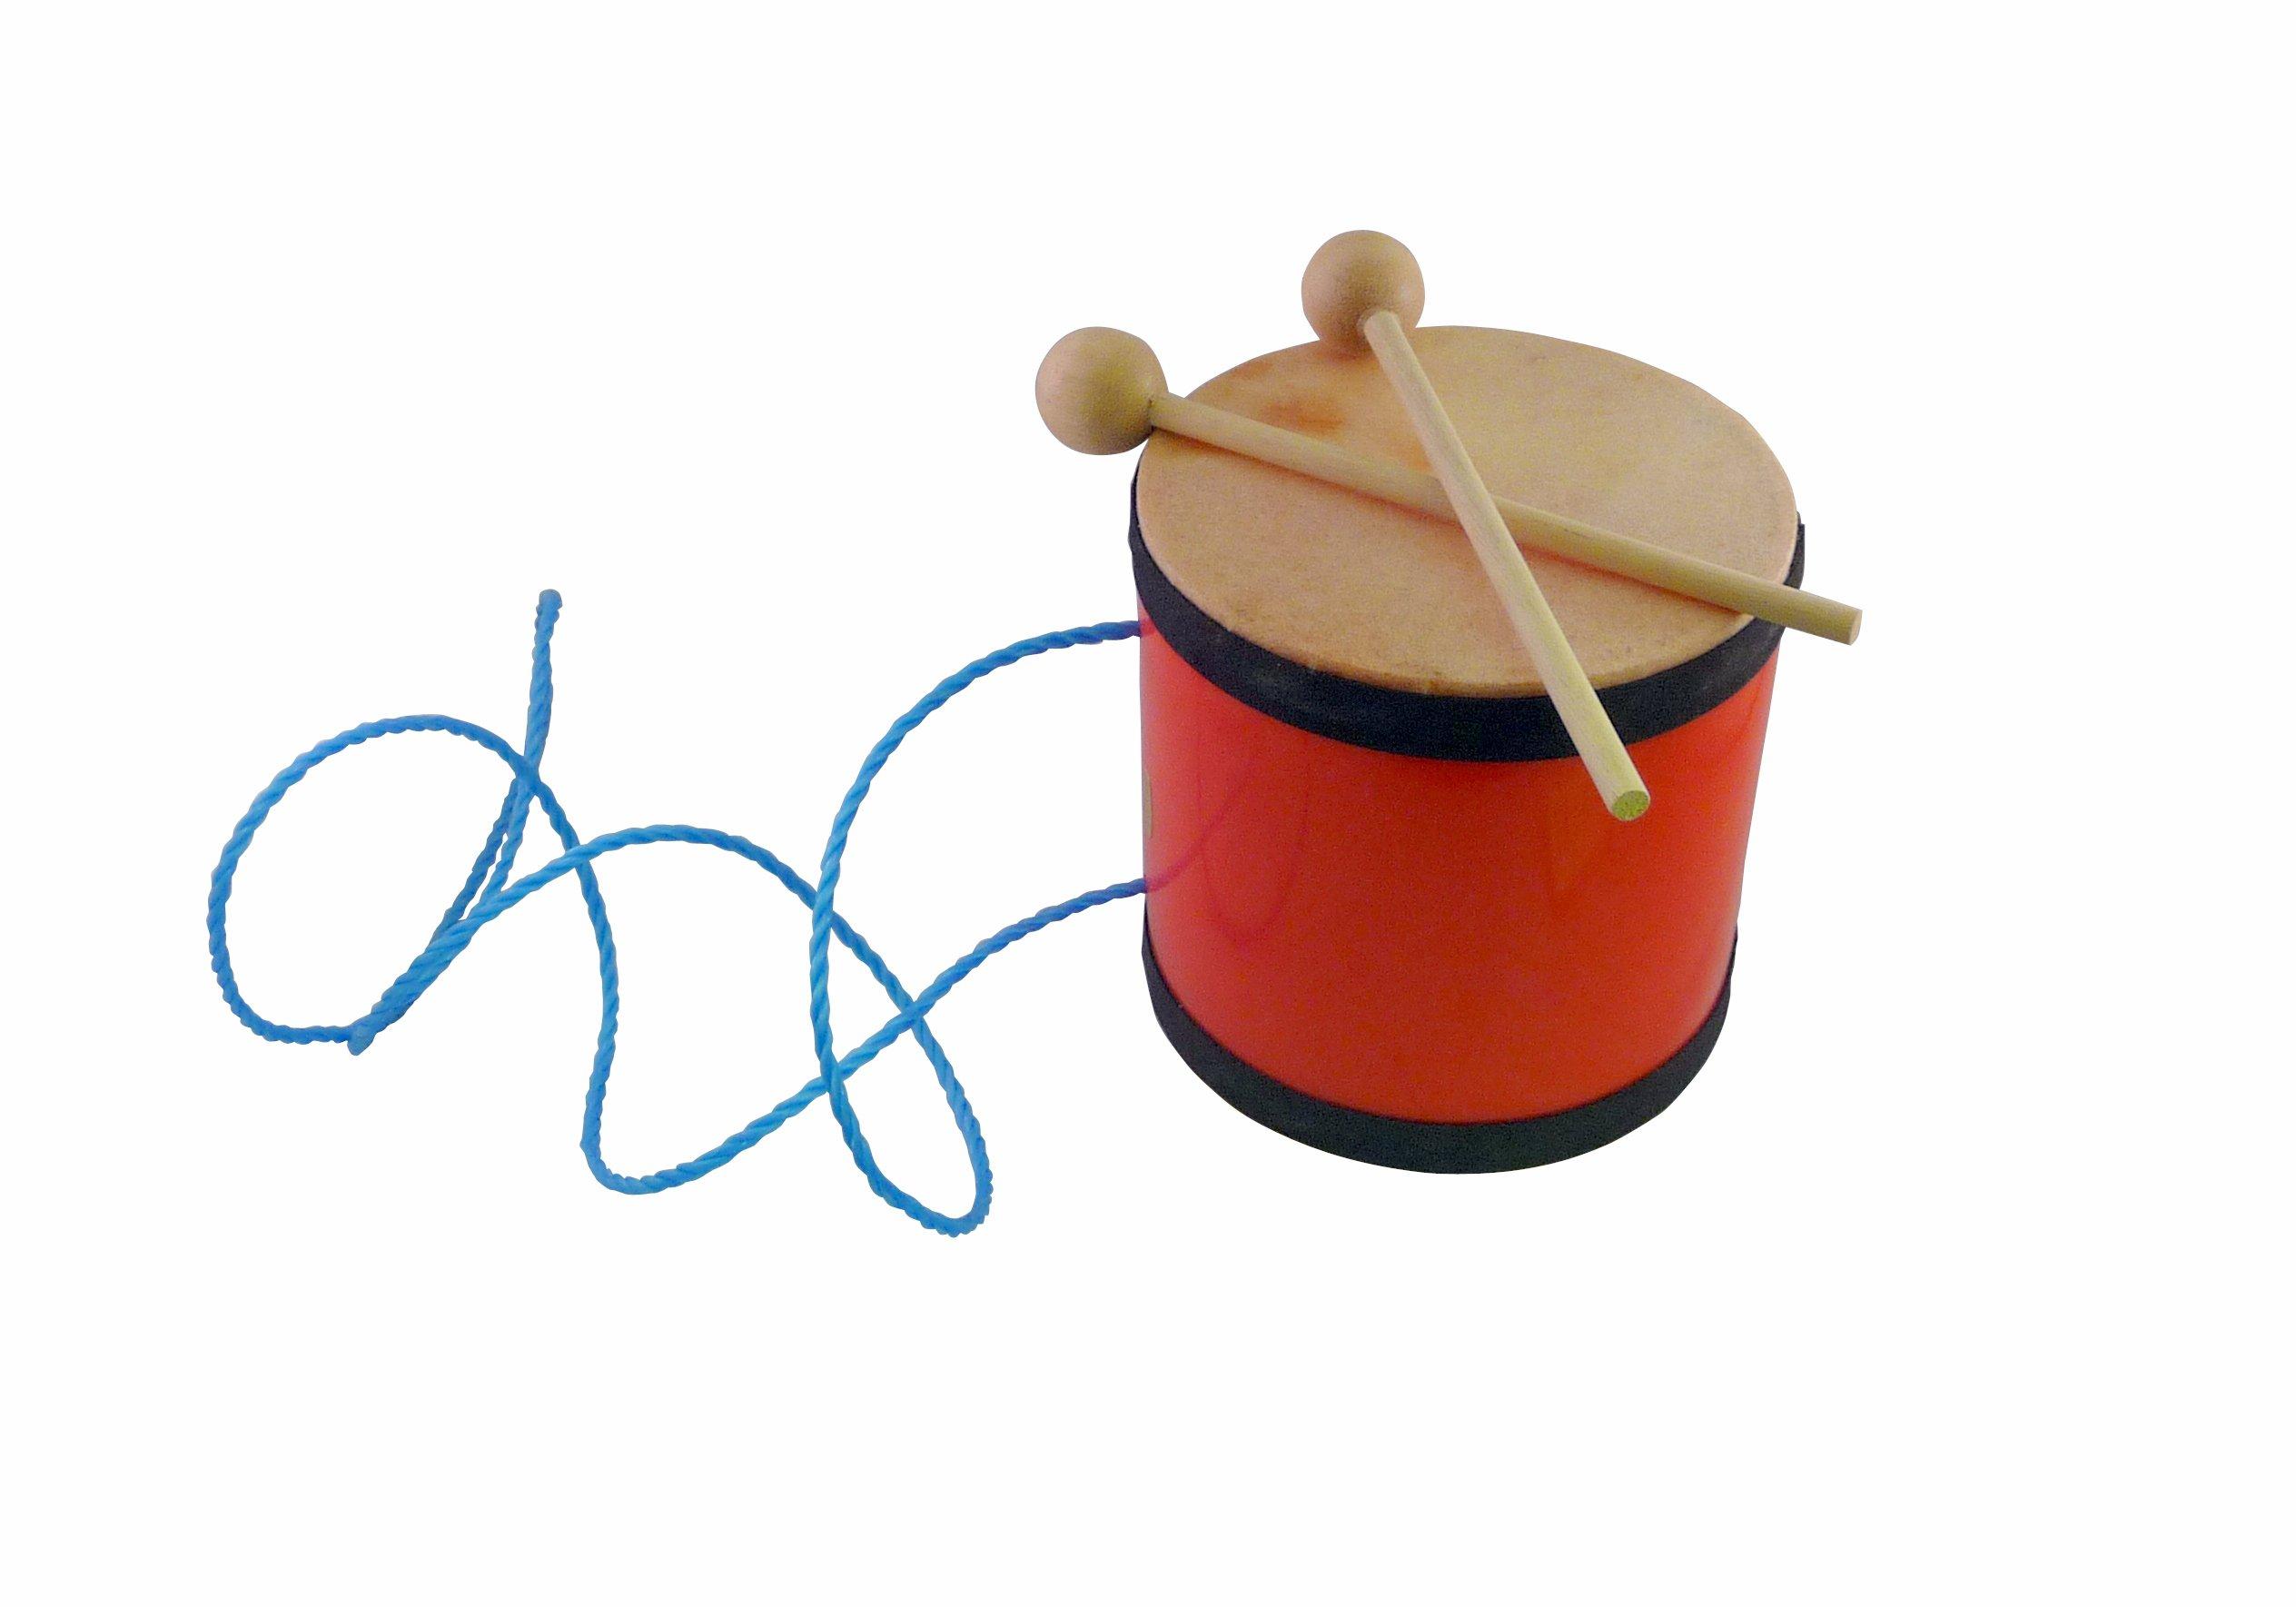 Suzuki Musical Instrument Corporation DD-200 Indian Drum with Mallet - Strap by Suzuki Music